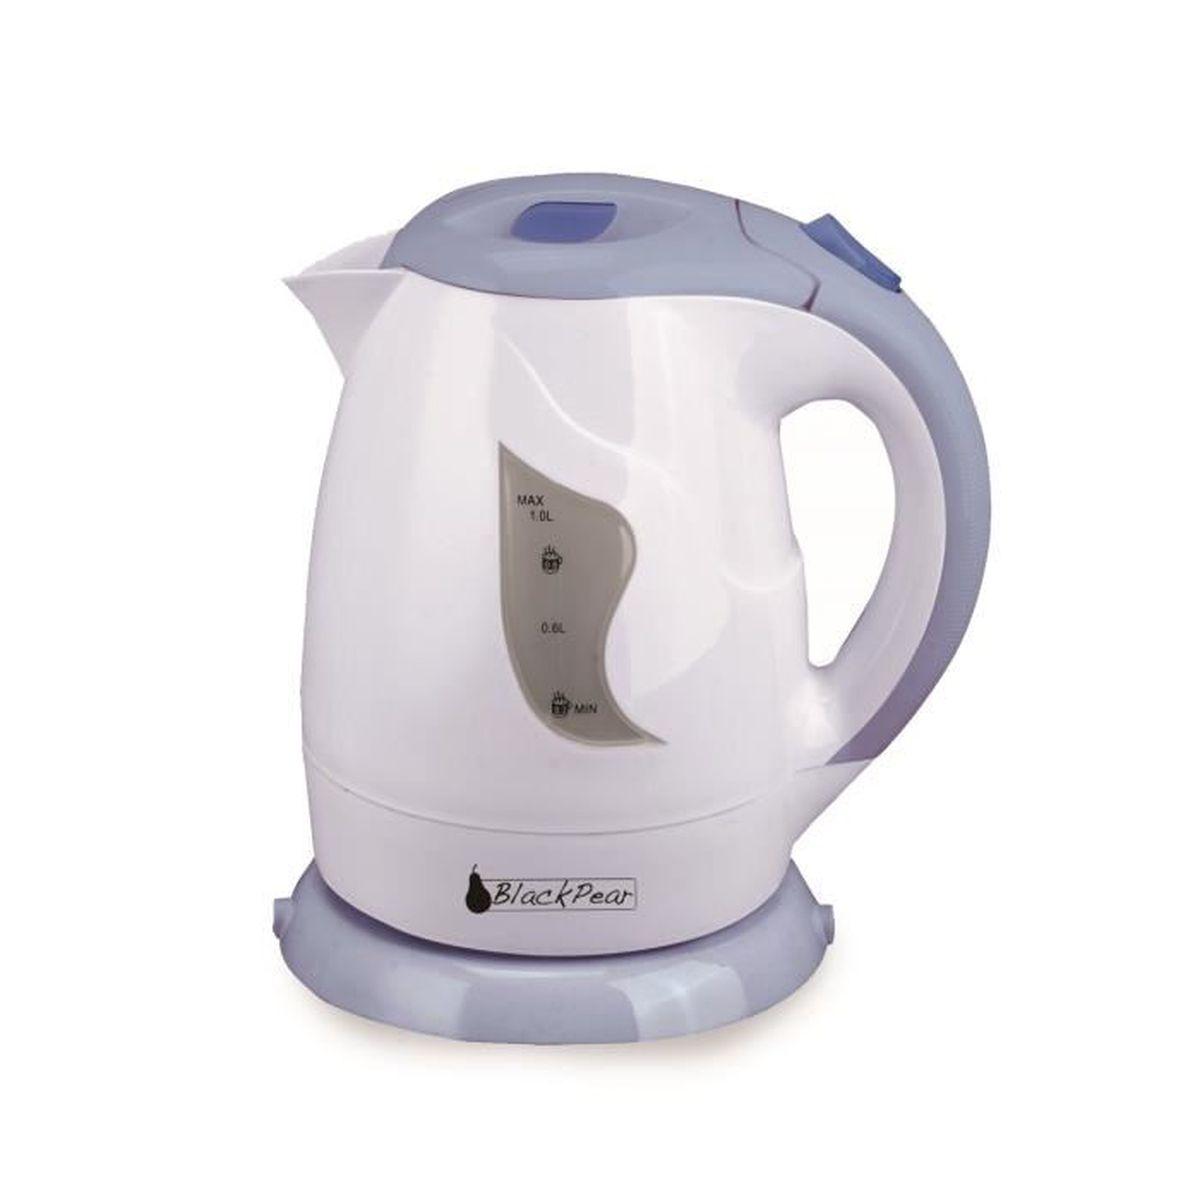 bouilloire blanc-bleu 900w capacité 1l avec filtre anti-calcaire